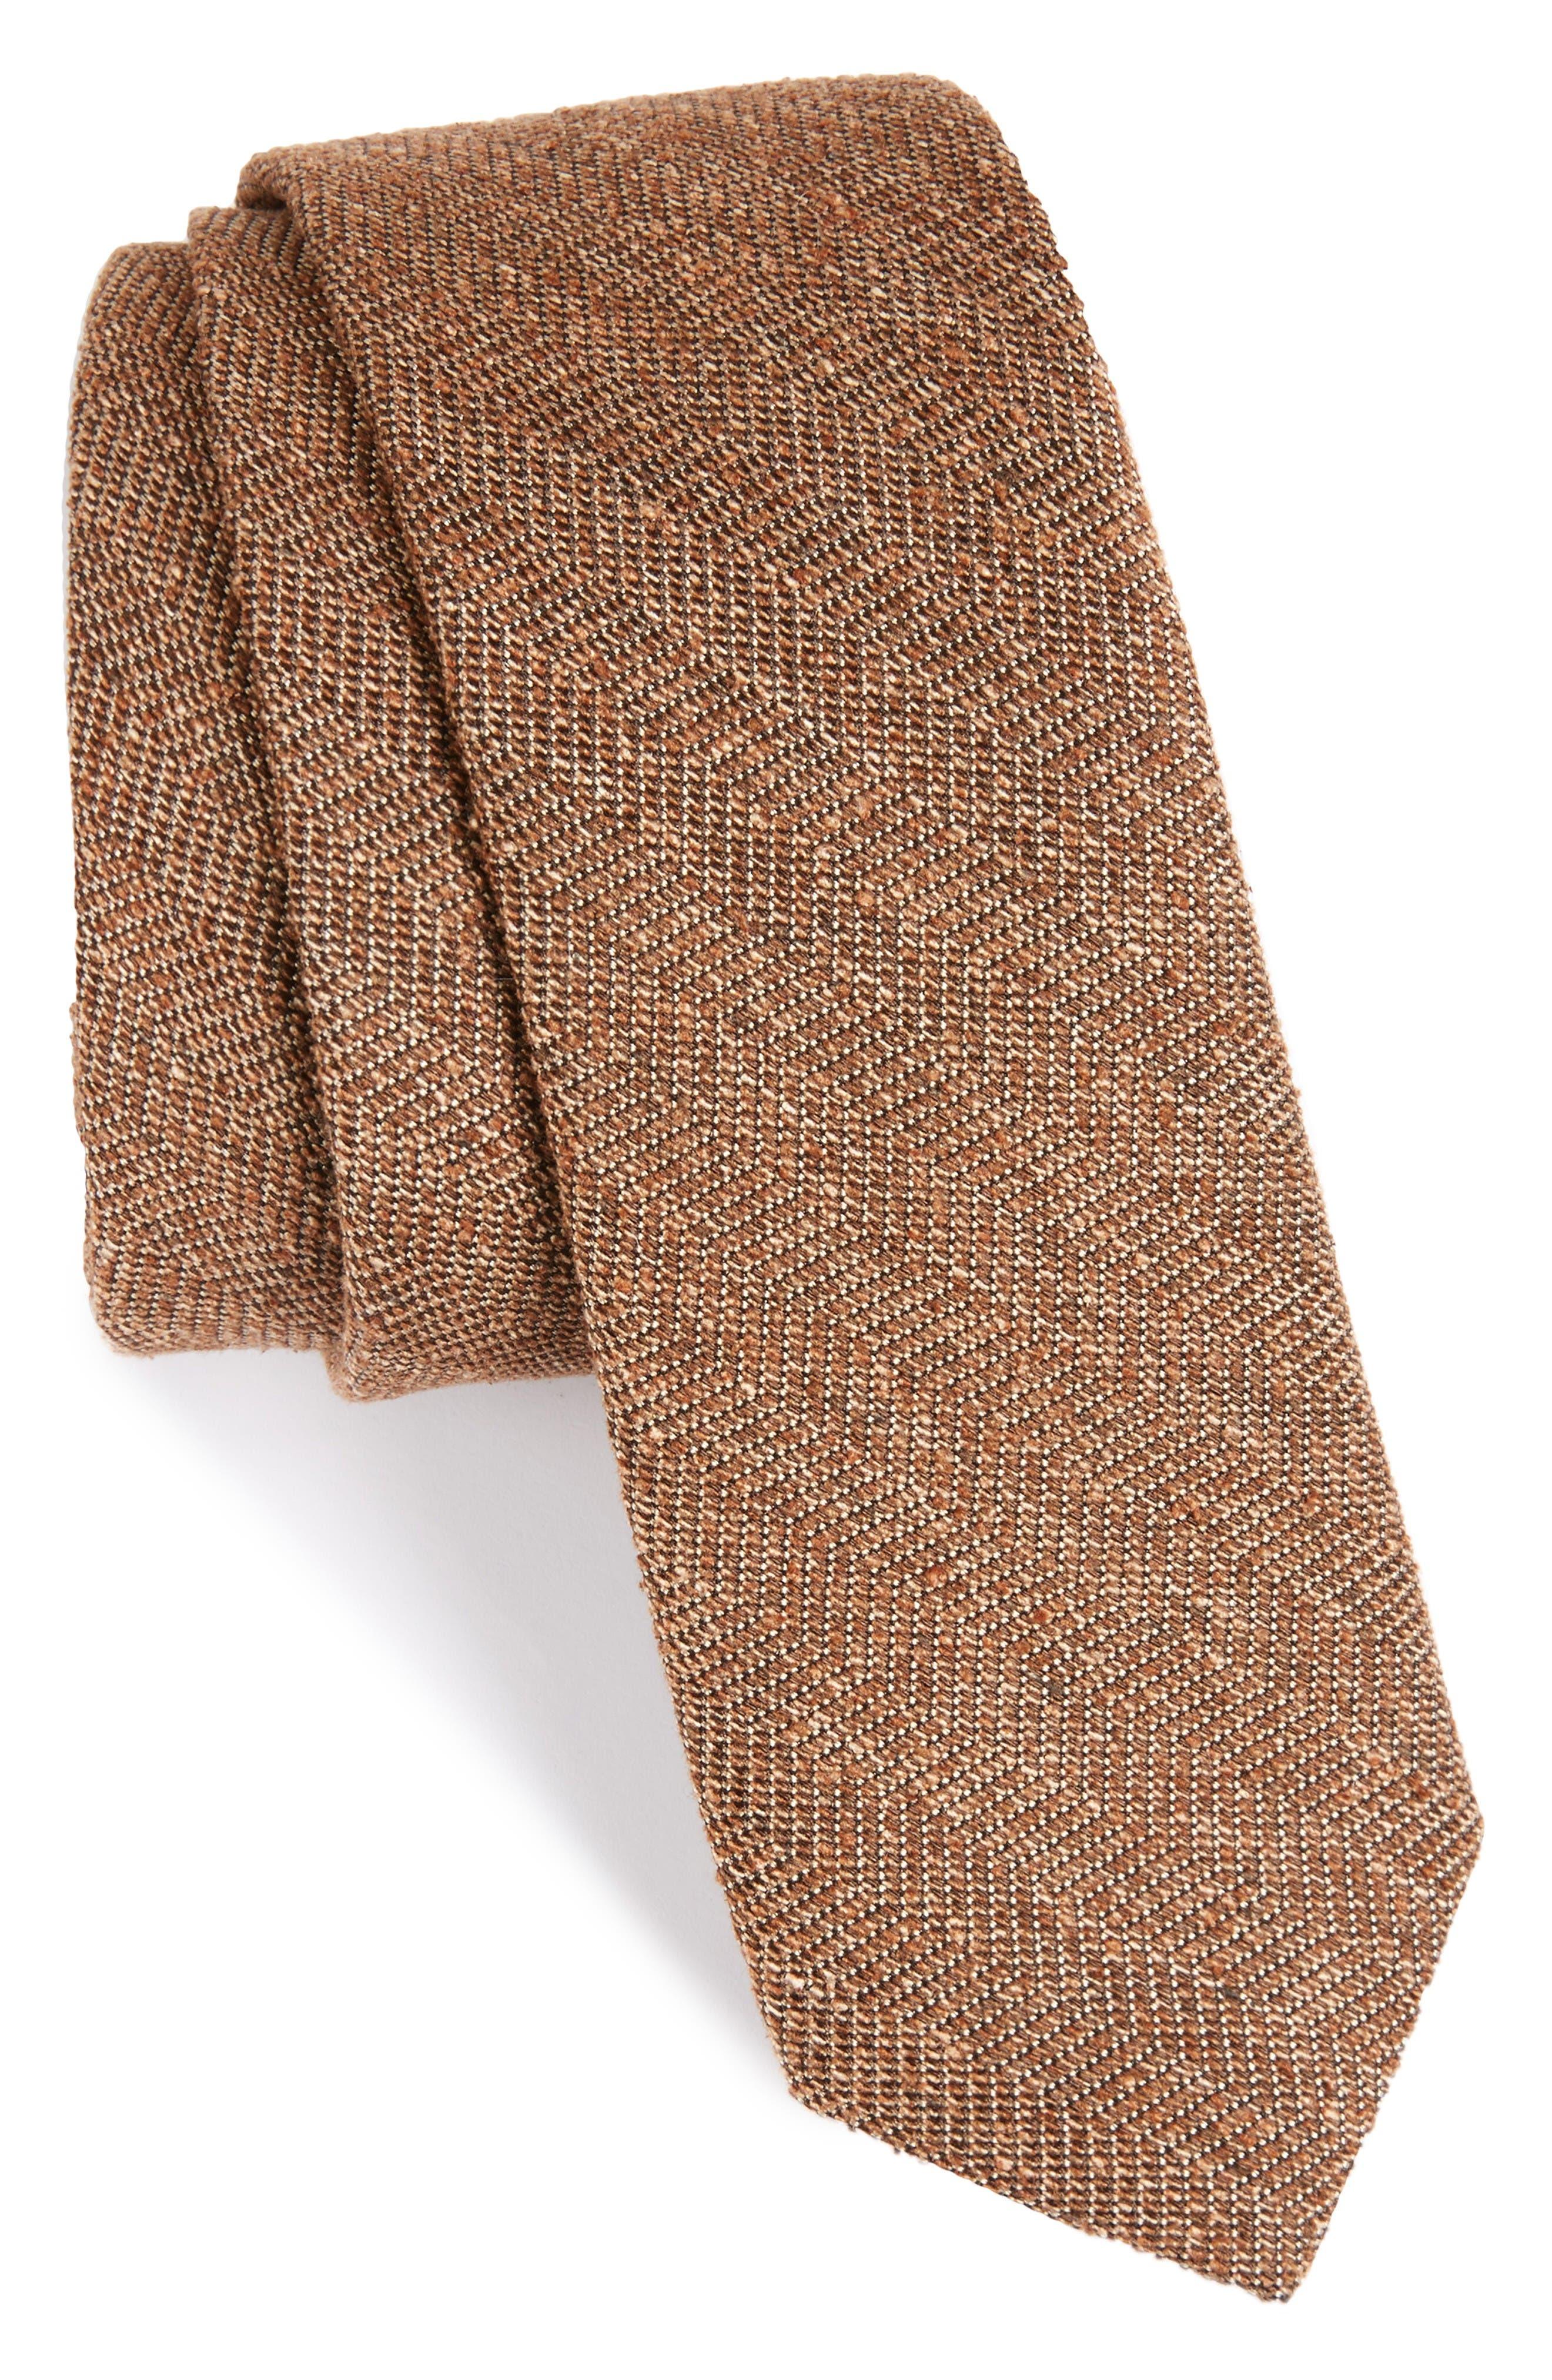 Main Image - The Tie Bar Zigzag Silk Tie